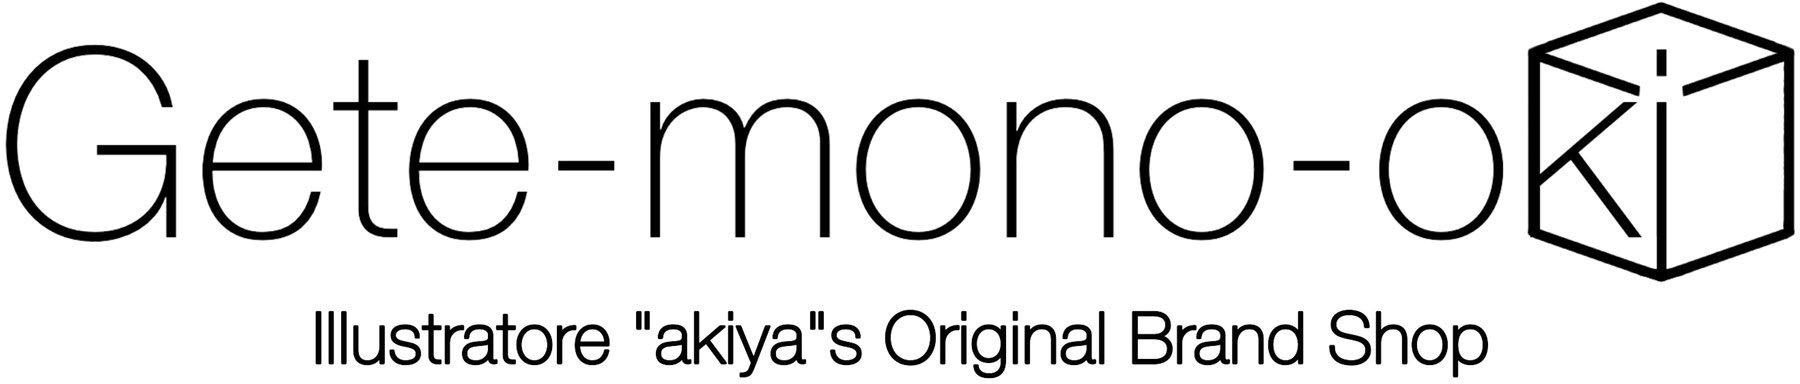 Gete-mono-oki|Illustrator「アキヤ」OFFICIAL SITE Illustrator「アキヤ」のオフィシャルサイトです。ロゴやポップ、ステッカーなど様々なデザイン制作を承っています。2019年、オリジナルブランド「Gete-mono-oki」を立ち上げ、自らデザインしたファッションアイテムやイラスト、雑貨などの販売を開始。また、ライブやレコーディングなどフリーのドラマーとしても活動中。